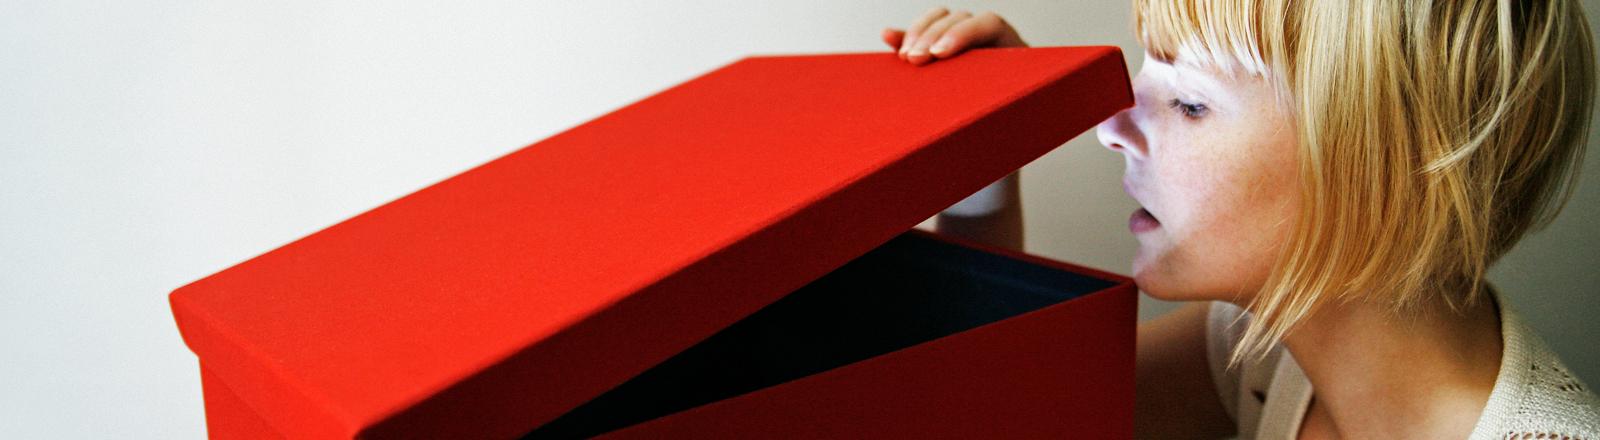 Frau schaut in eine Kiste